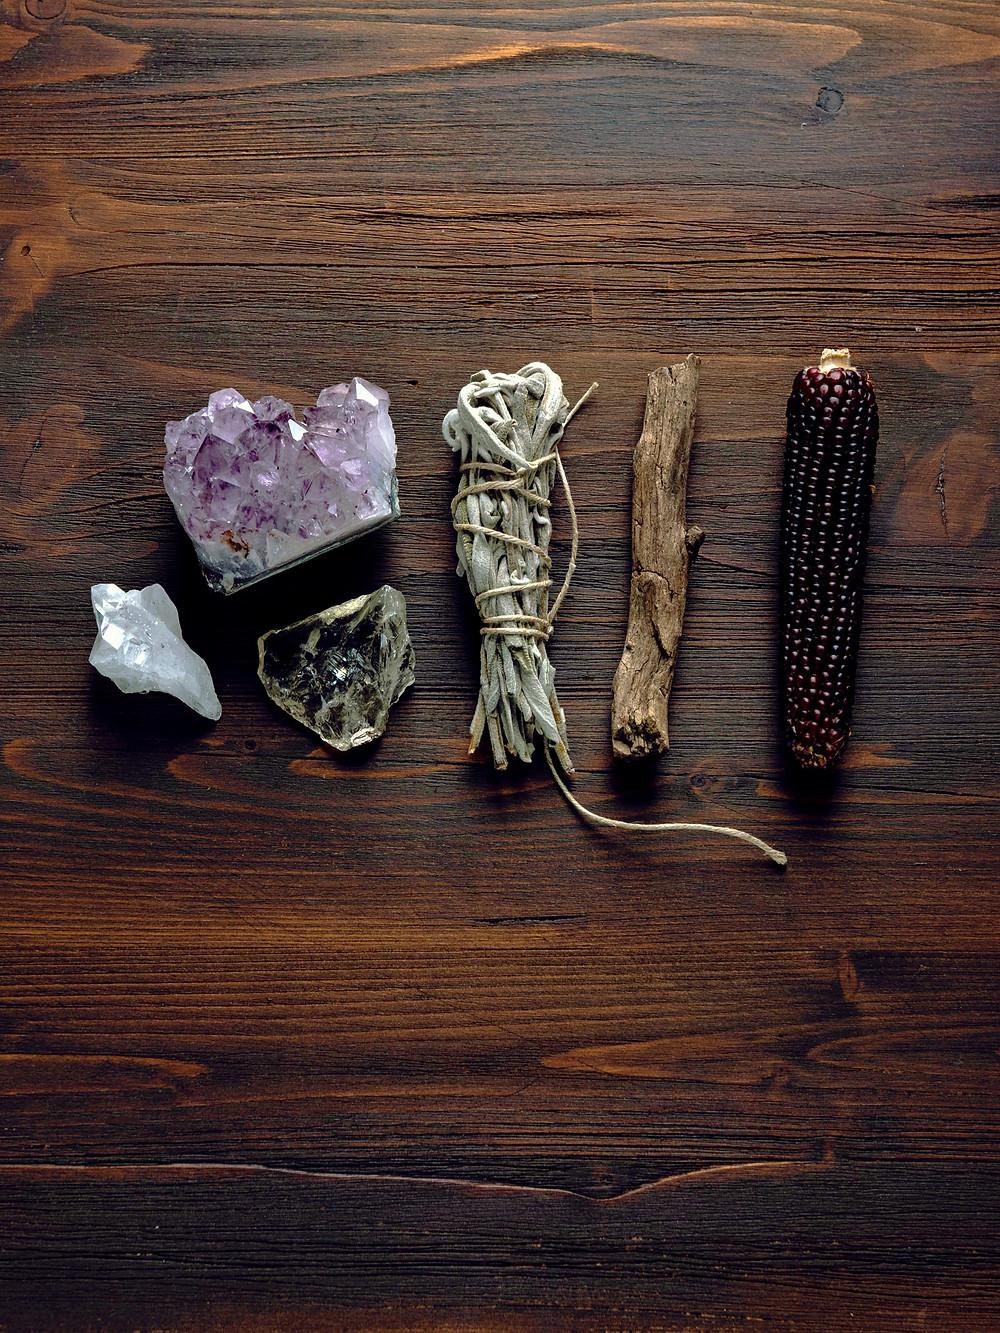 Kuvassa eri uskomushoitoihin käytettäviä esineitä kuten kristalleja ja kuivattuja lehtiä.